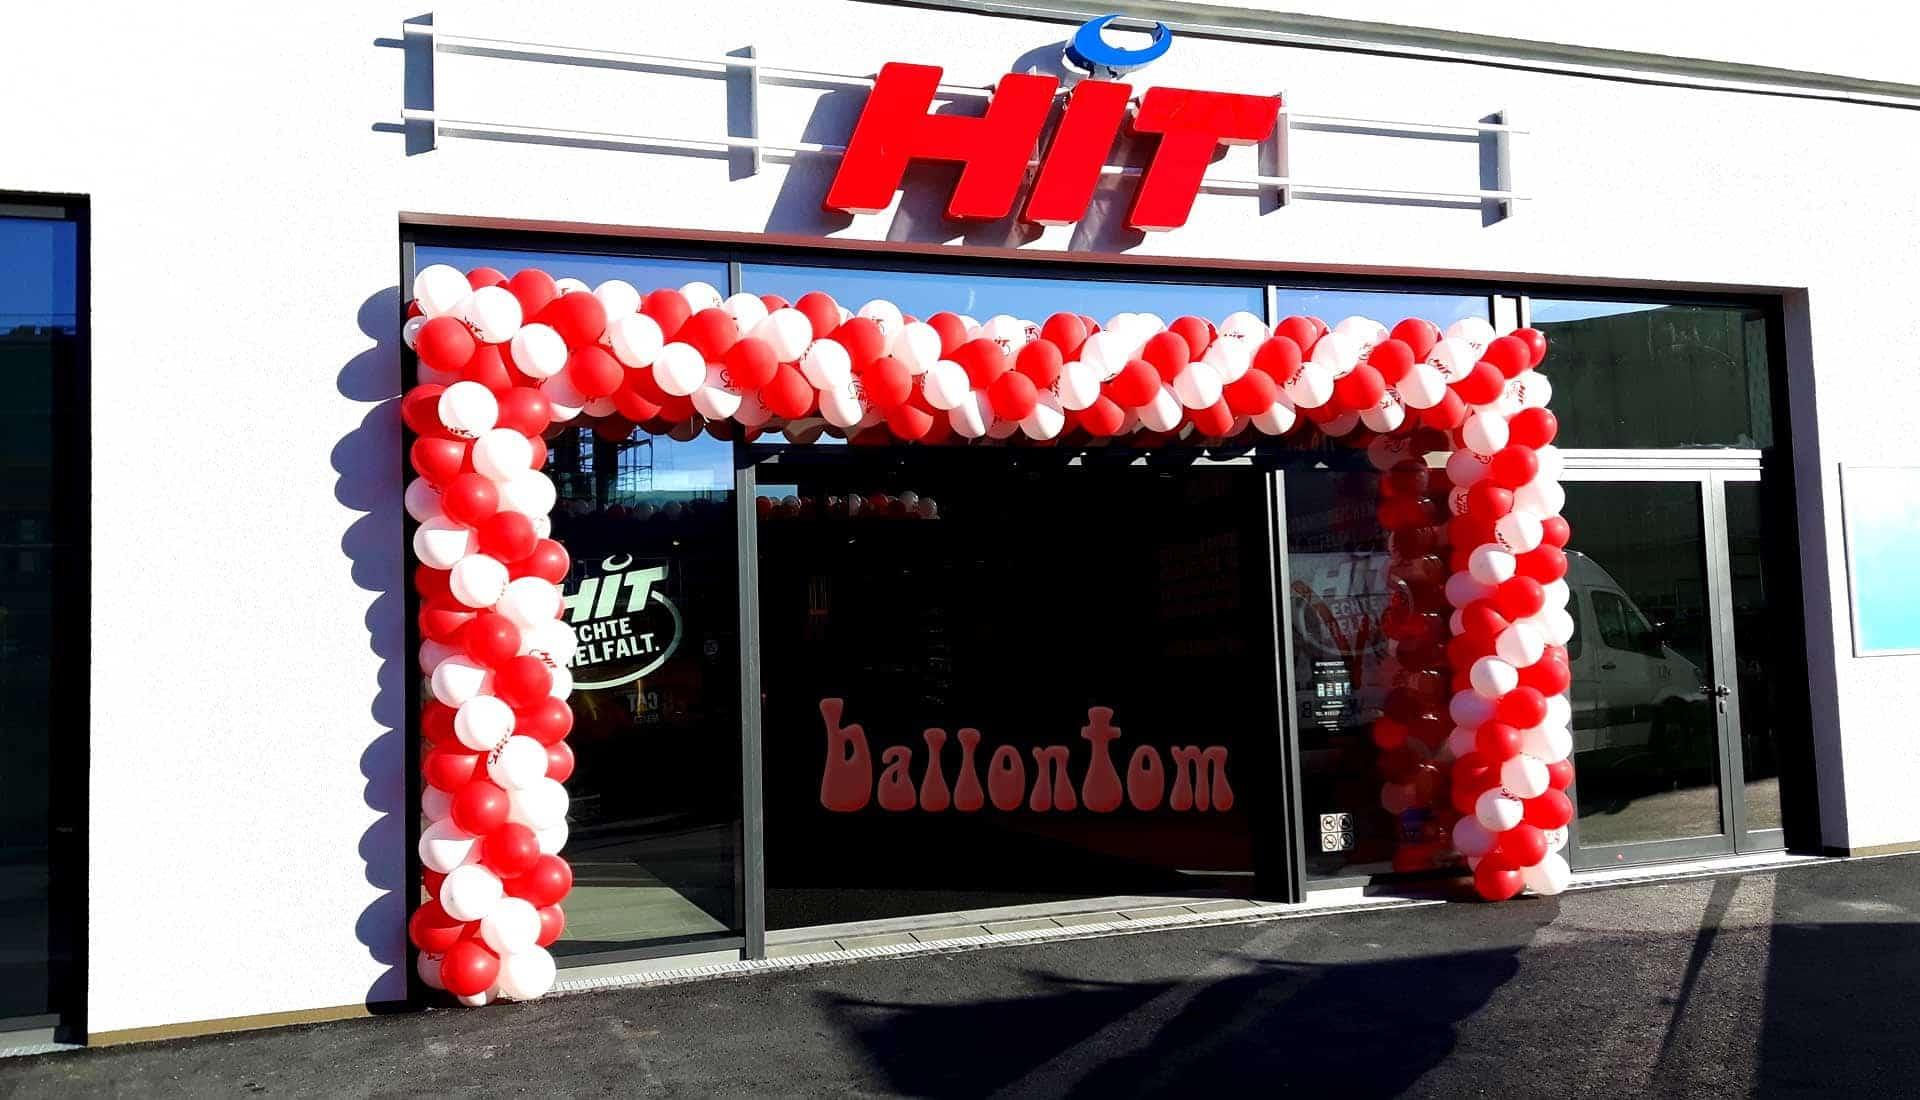 Ballontor für HIT- Markt in München